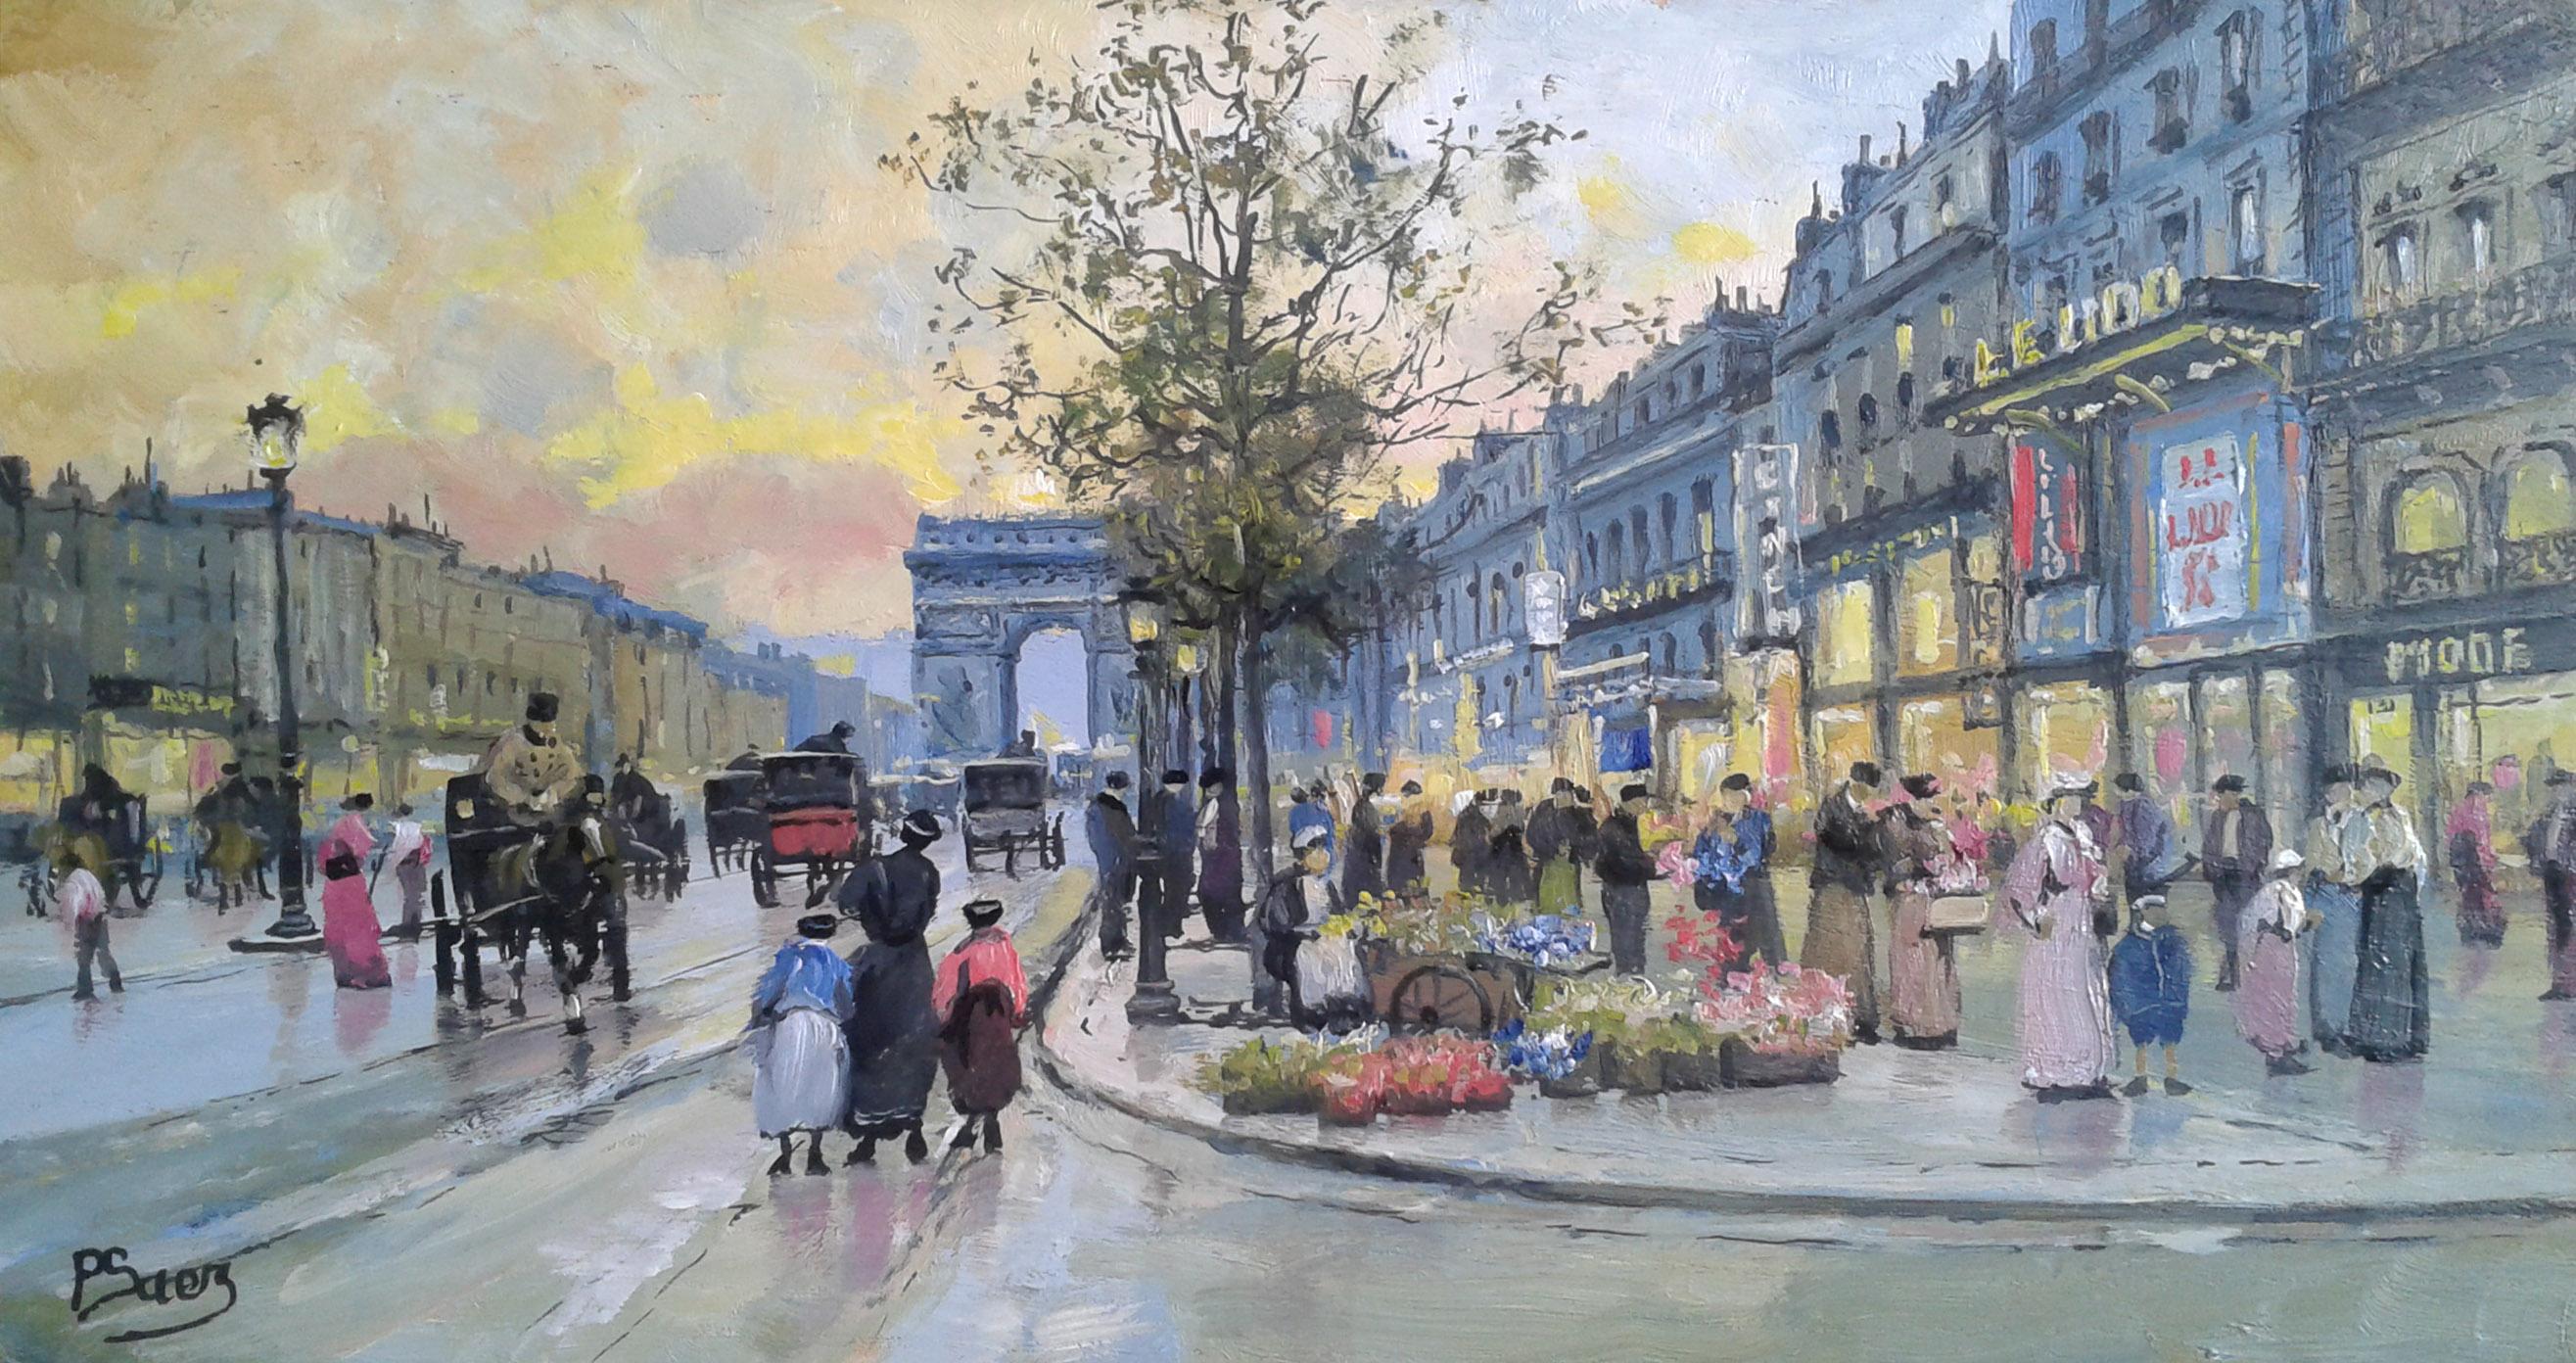 丈量巴黎  香榭丽舍大街的今昔与未来